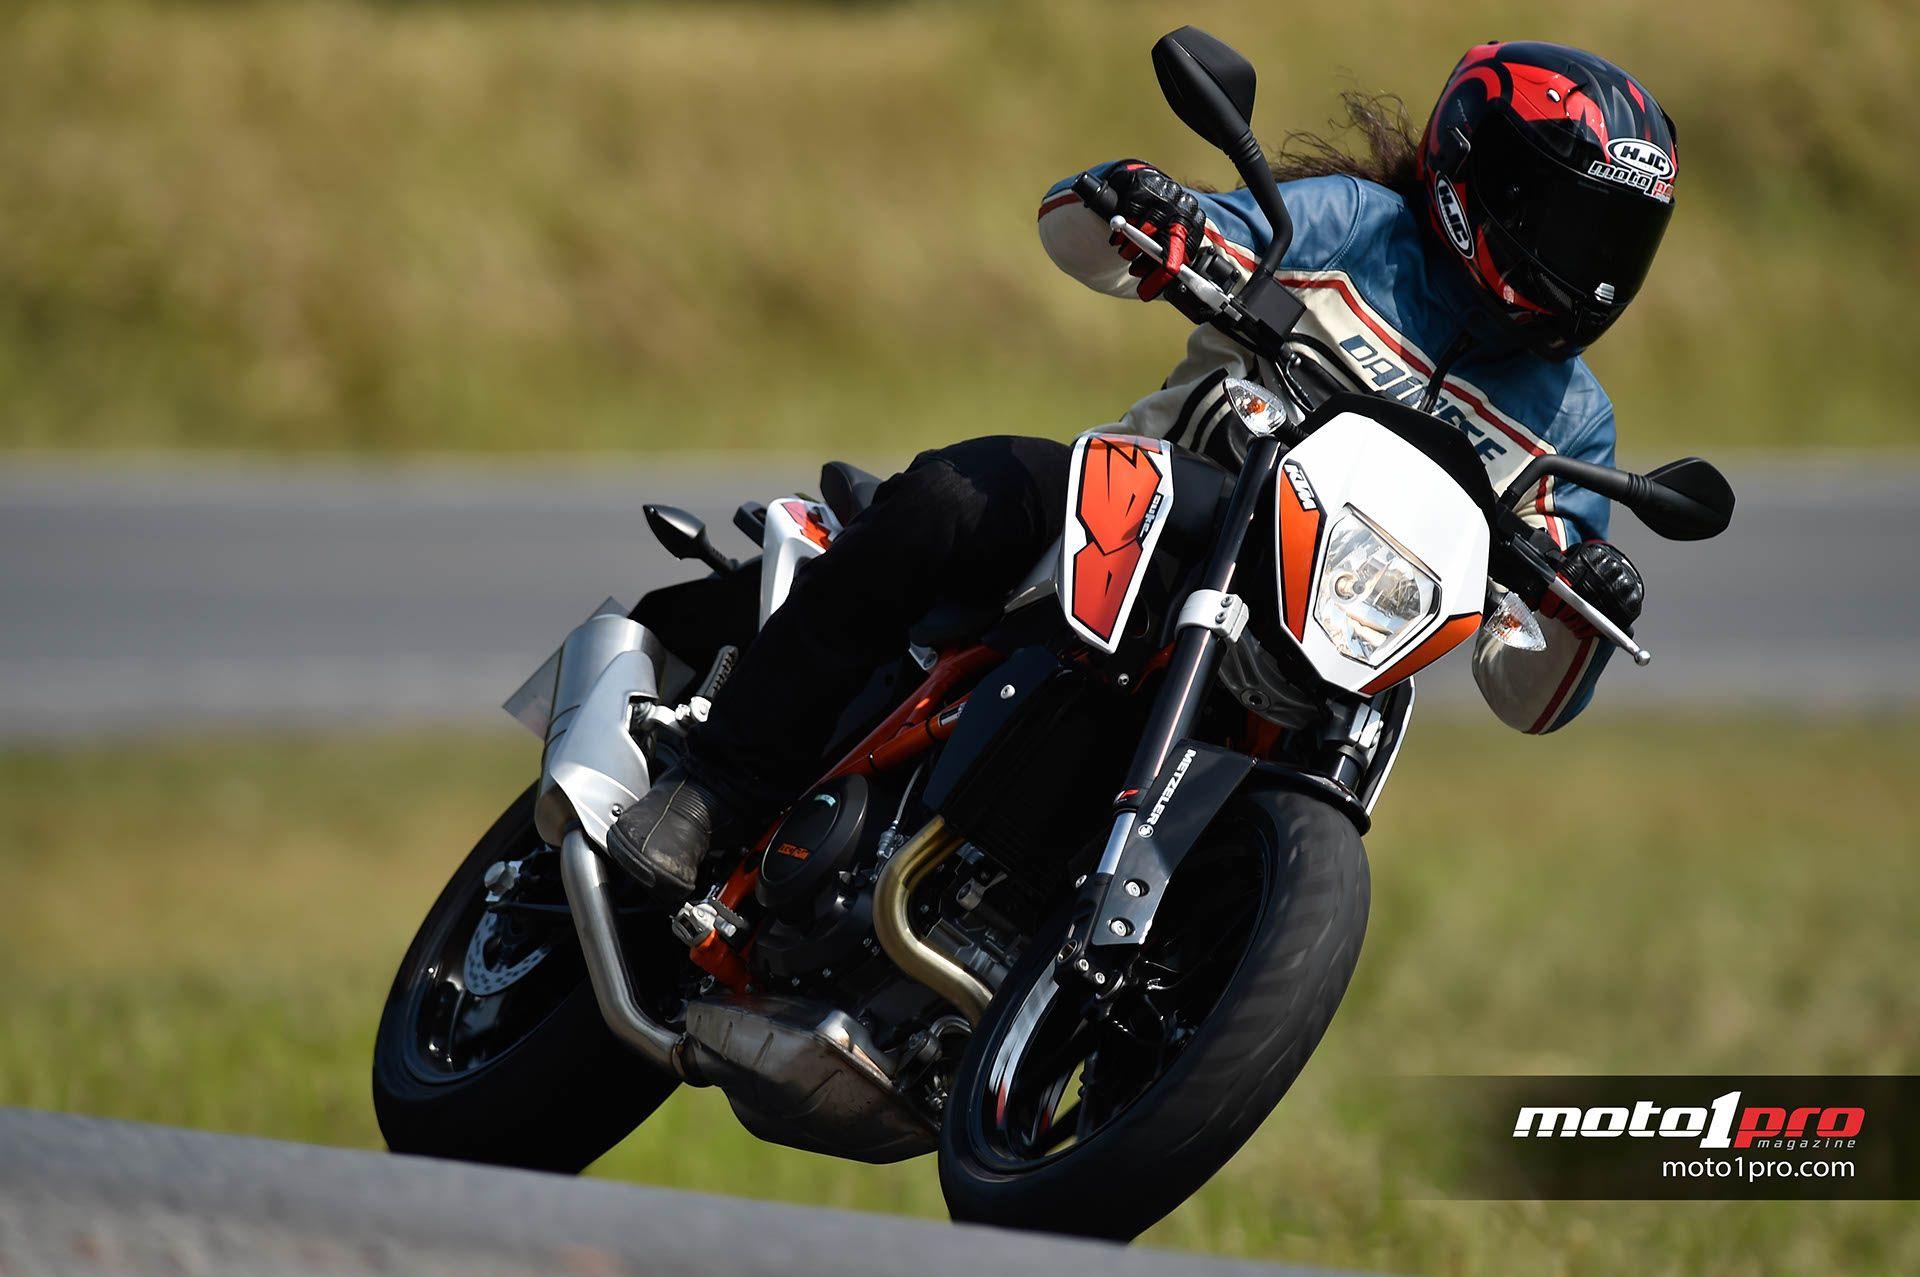 Las mejores motos 125 de marchas 2019-2020 | Moto1Pro